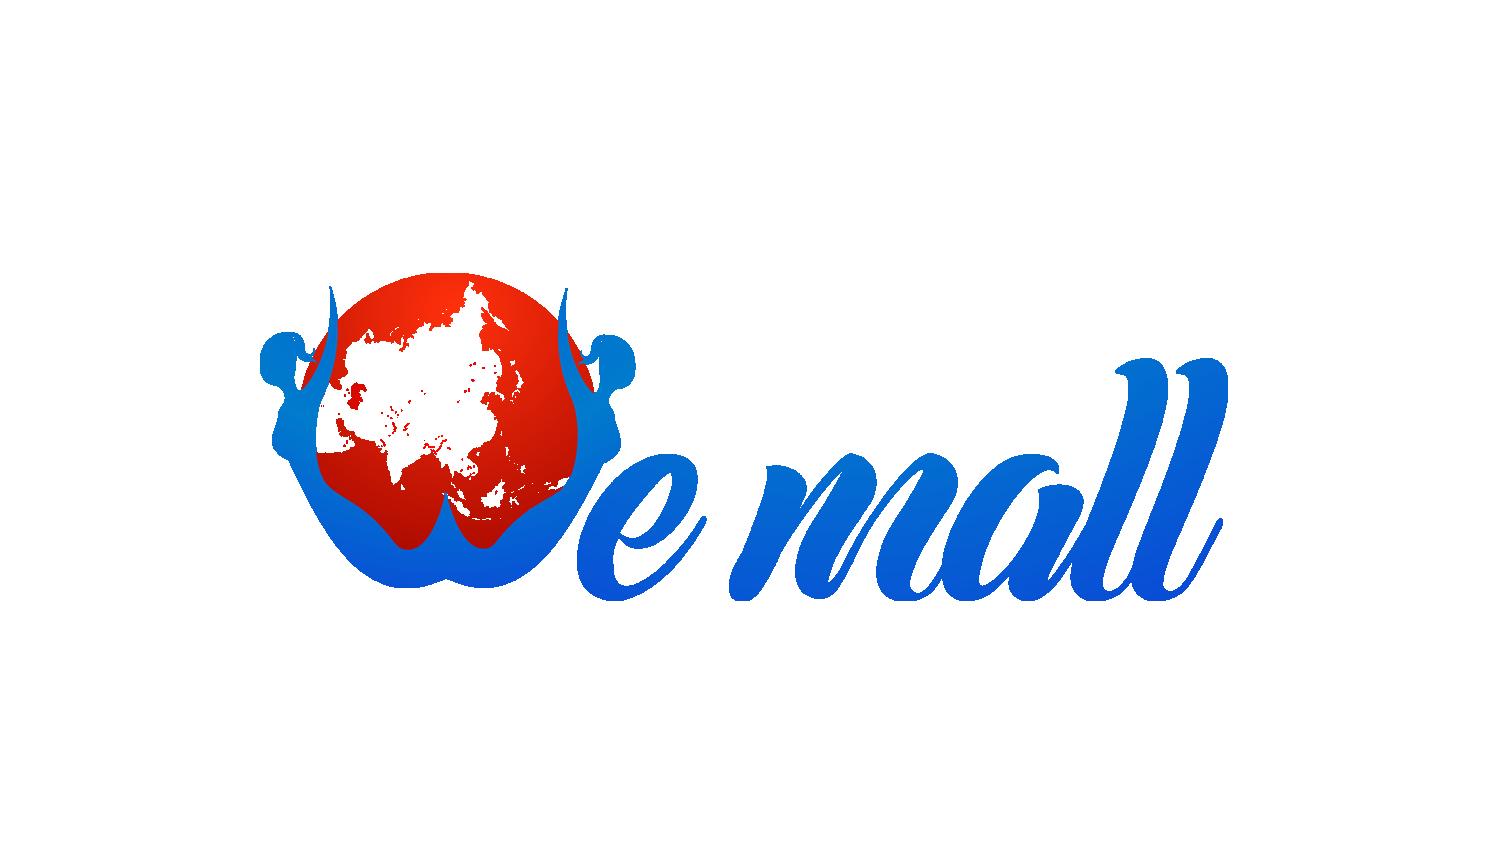 Wemall Cambodia